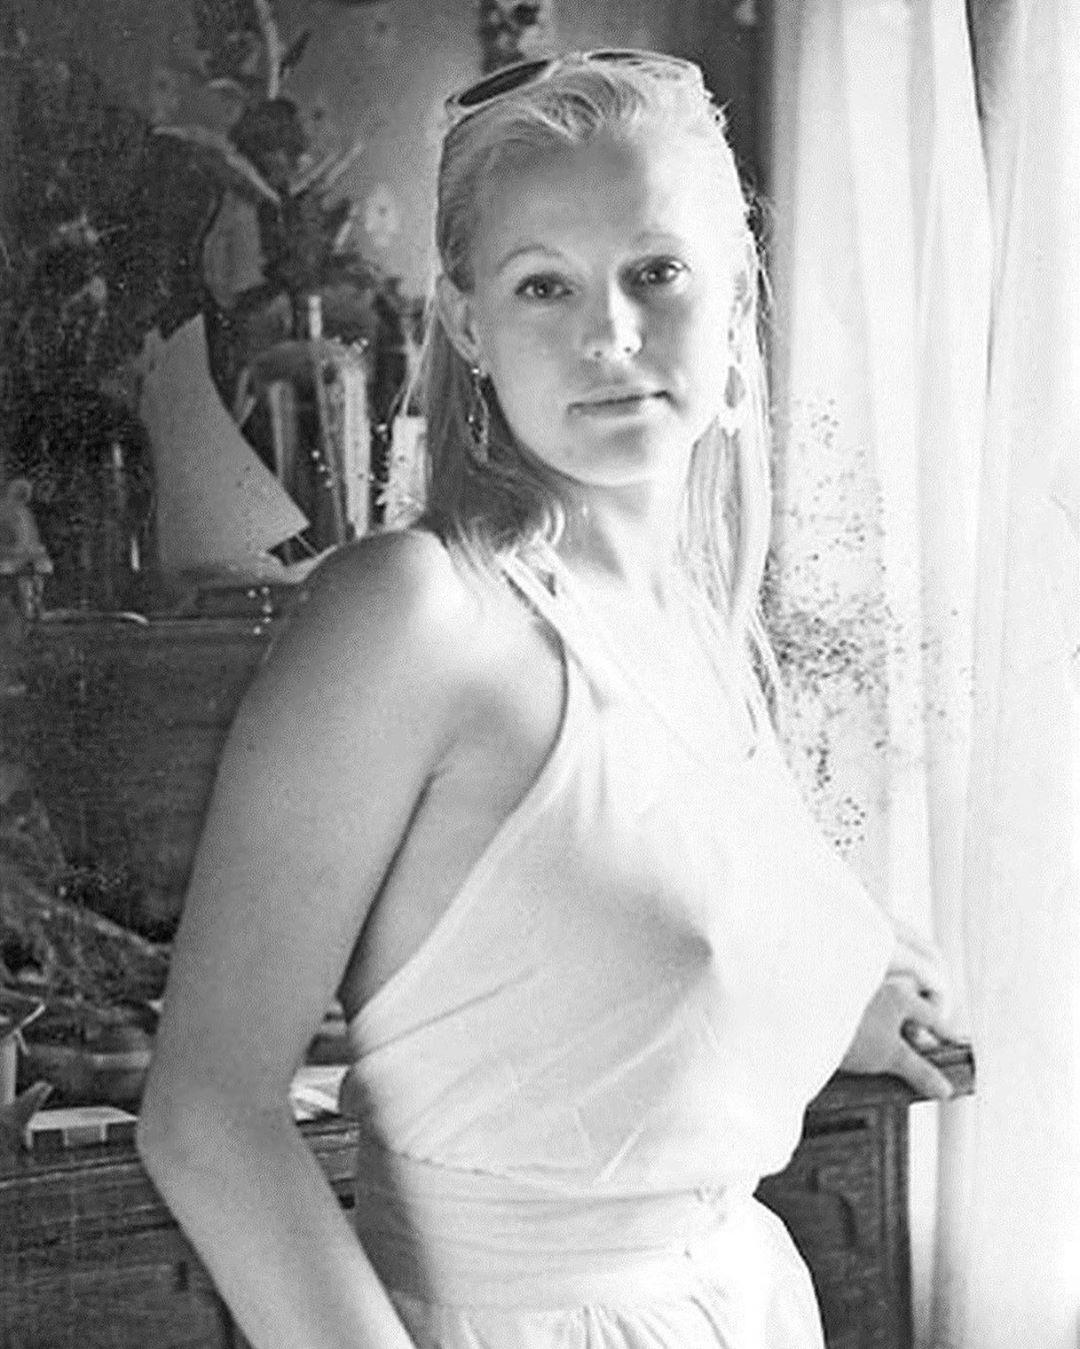 Елена кондулайнен фото в молодости